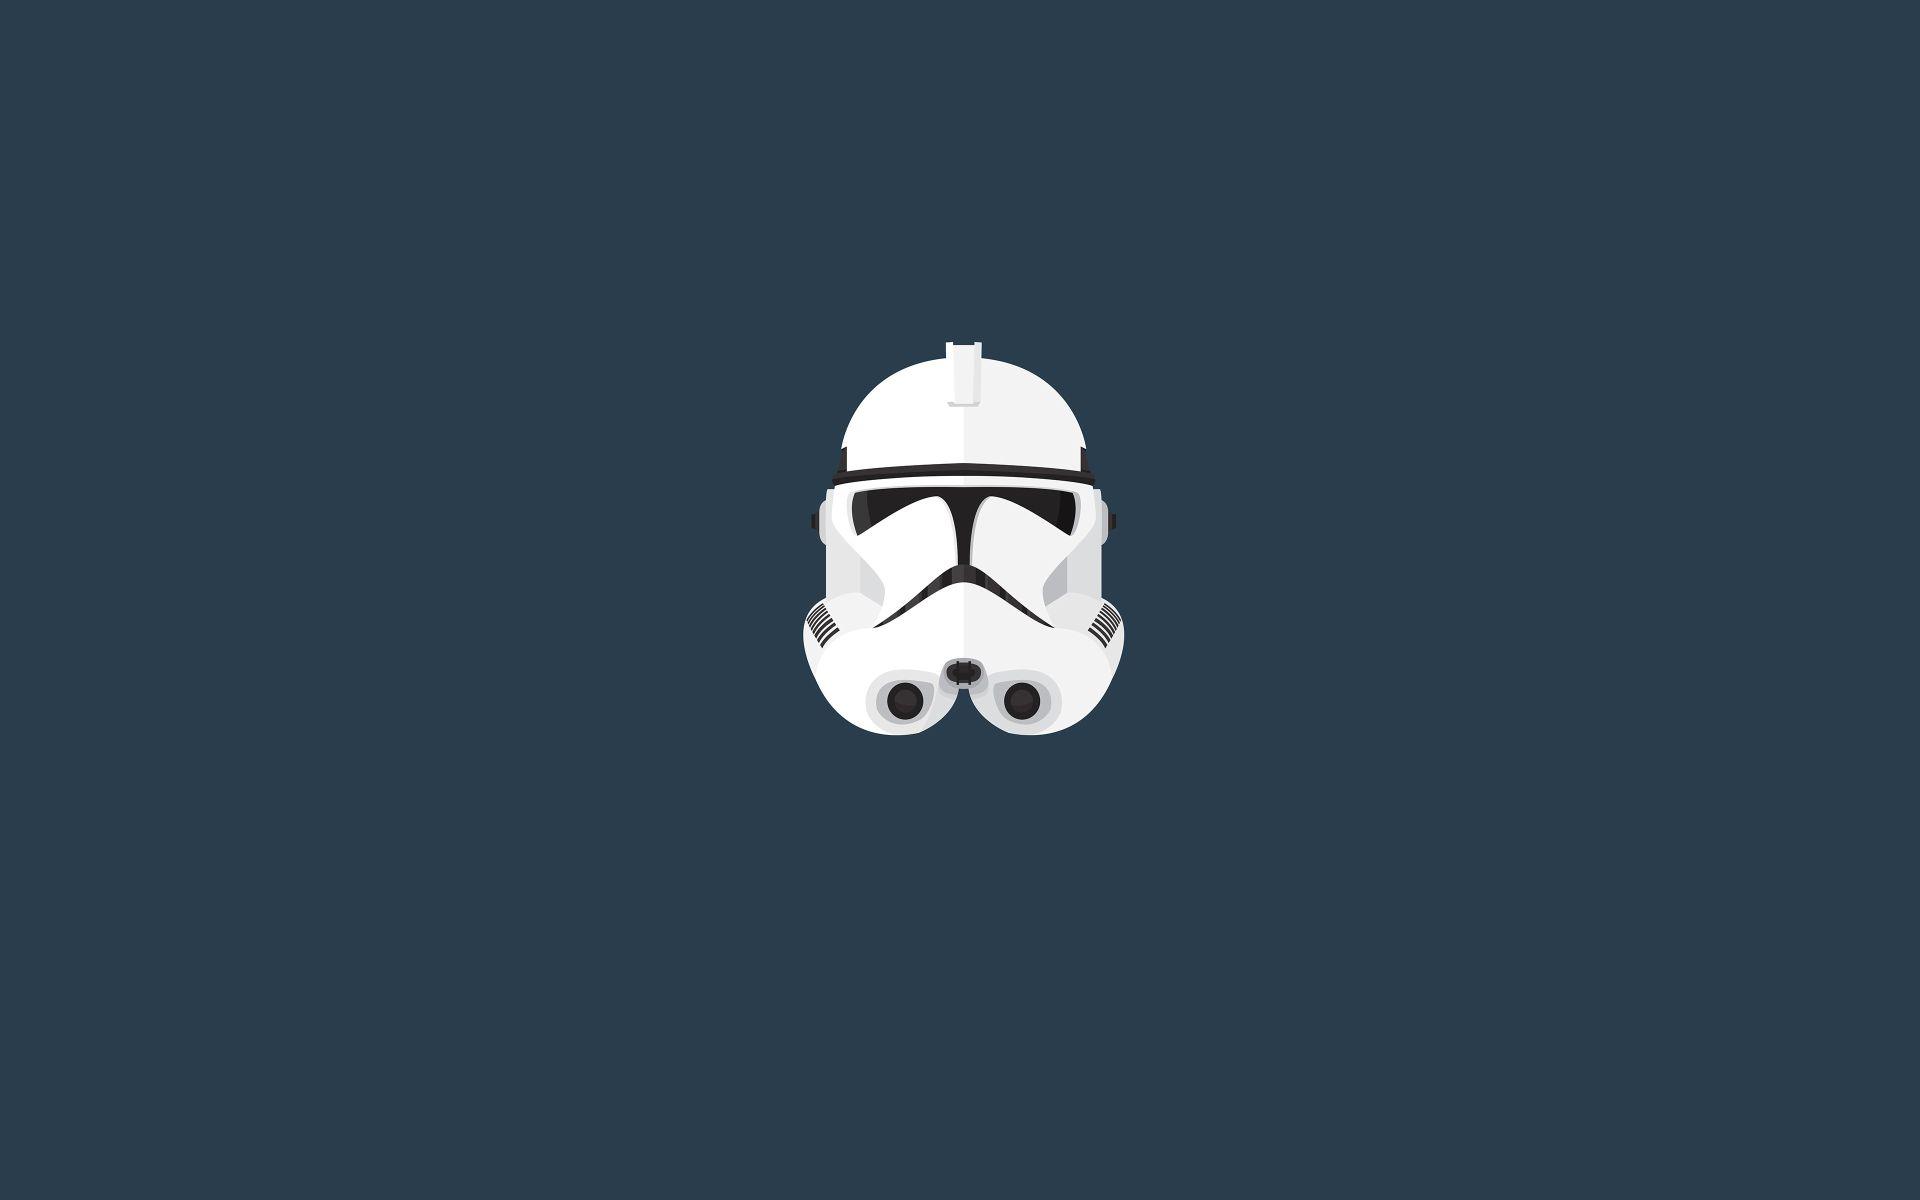 Star Wars Minimalist screen wallpaper